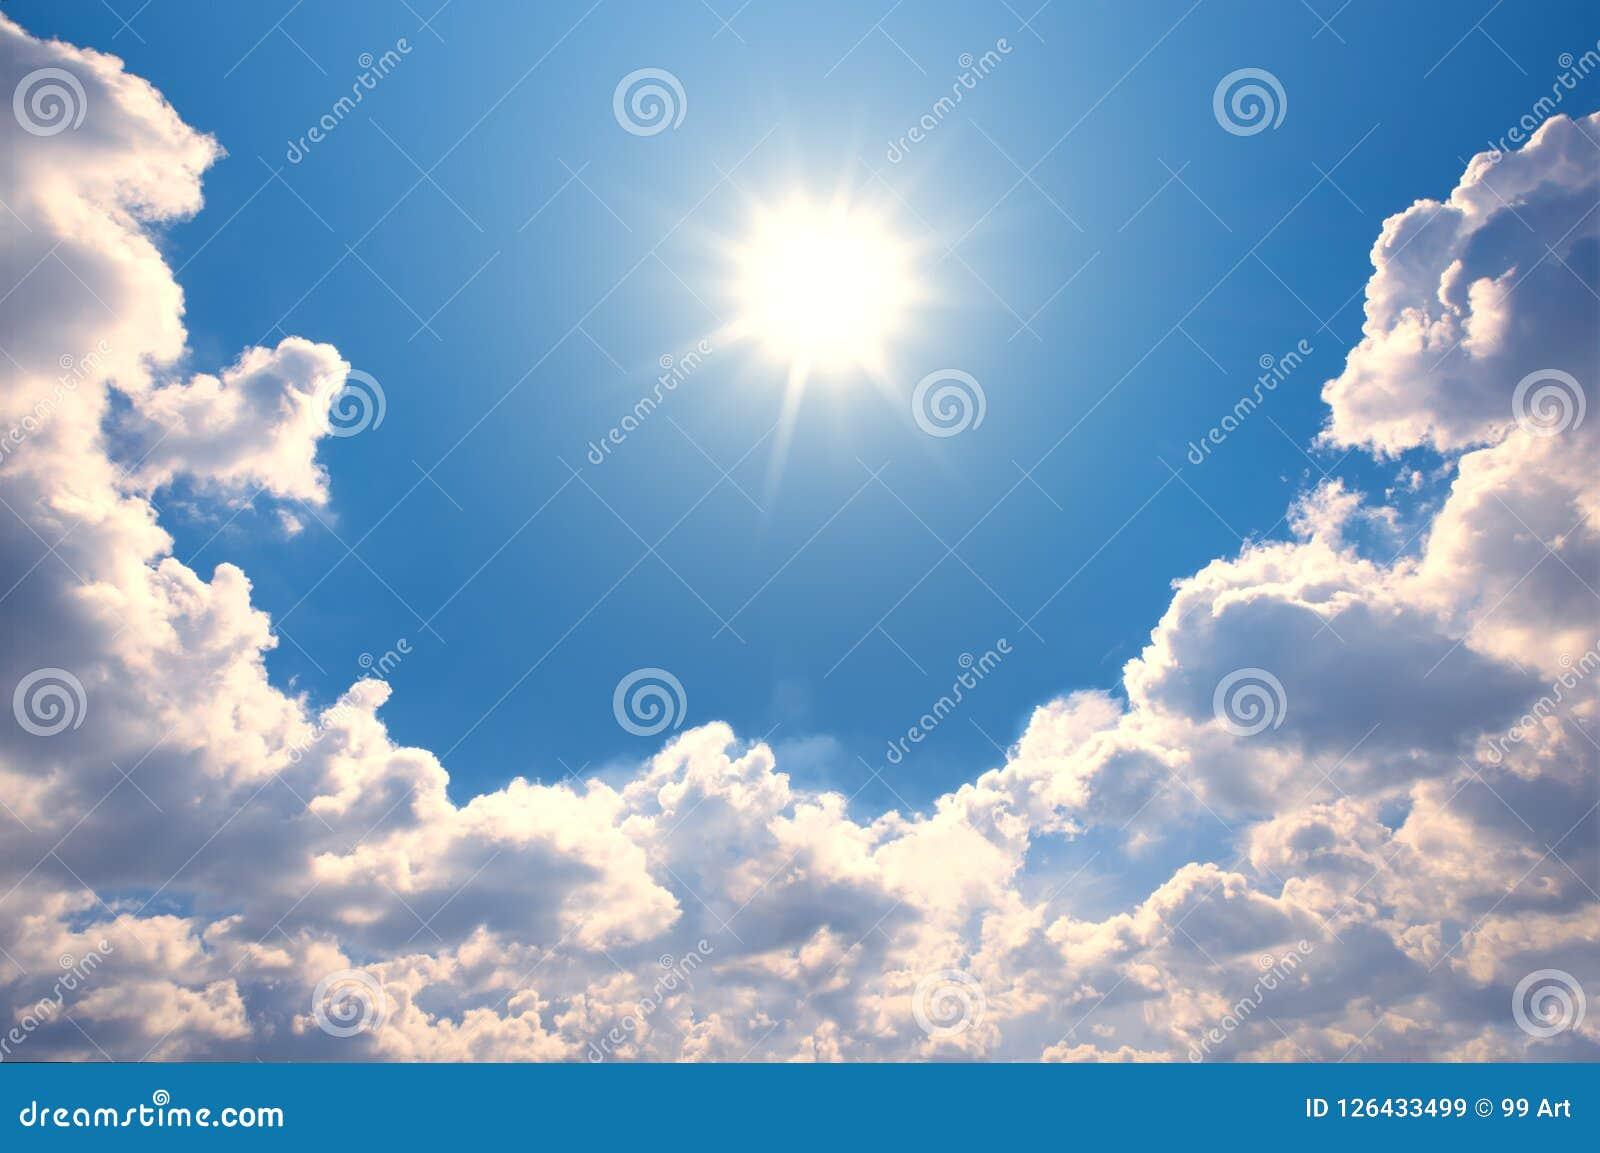 Ciel bleu avec des nuages et la réflexion du soleil Le soleil brille lumineux dedans